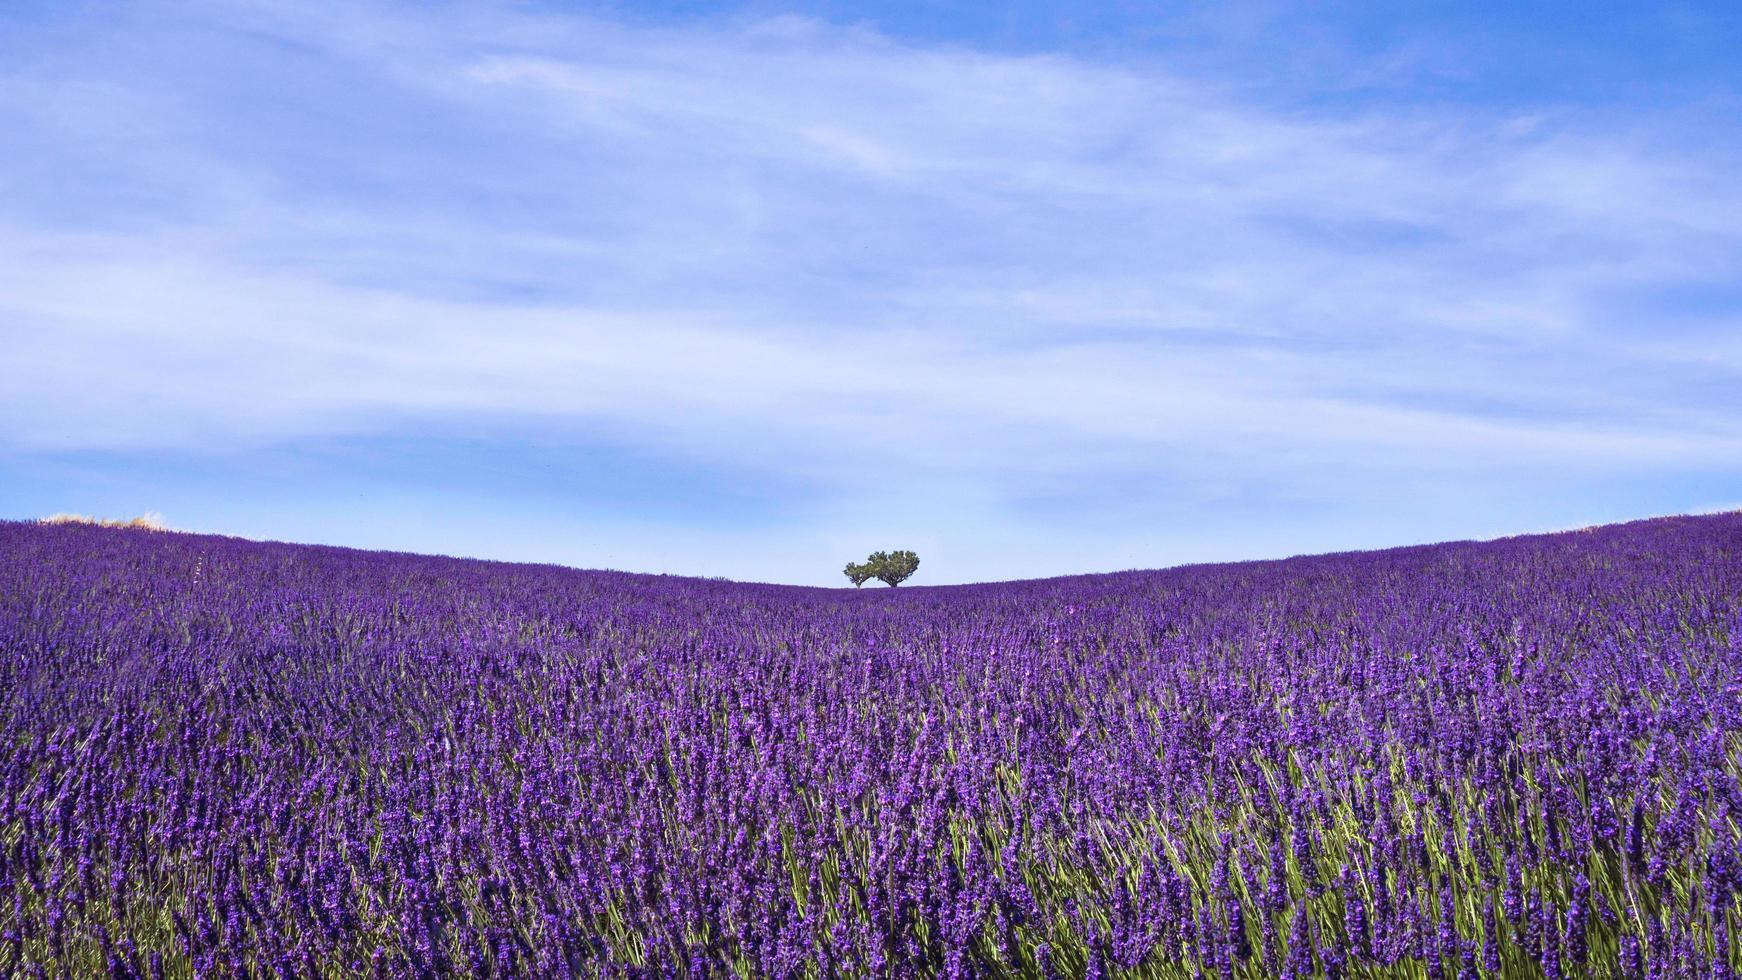 minimalistische Landschaftsansicht des Lavendelfeldes in der Provence, Frankreich foto